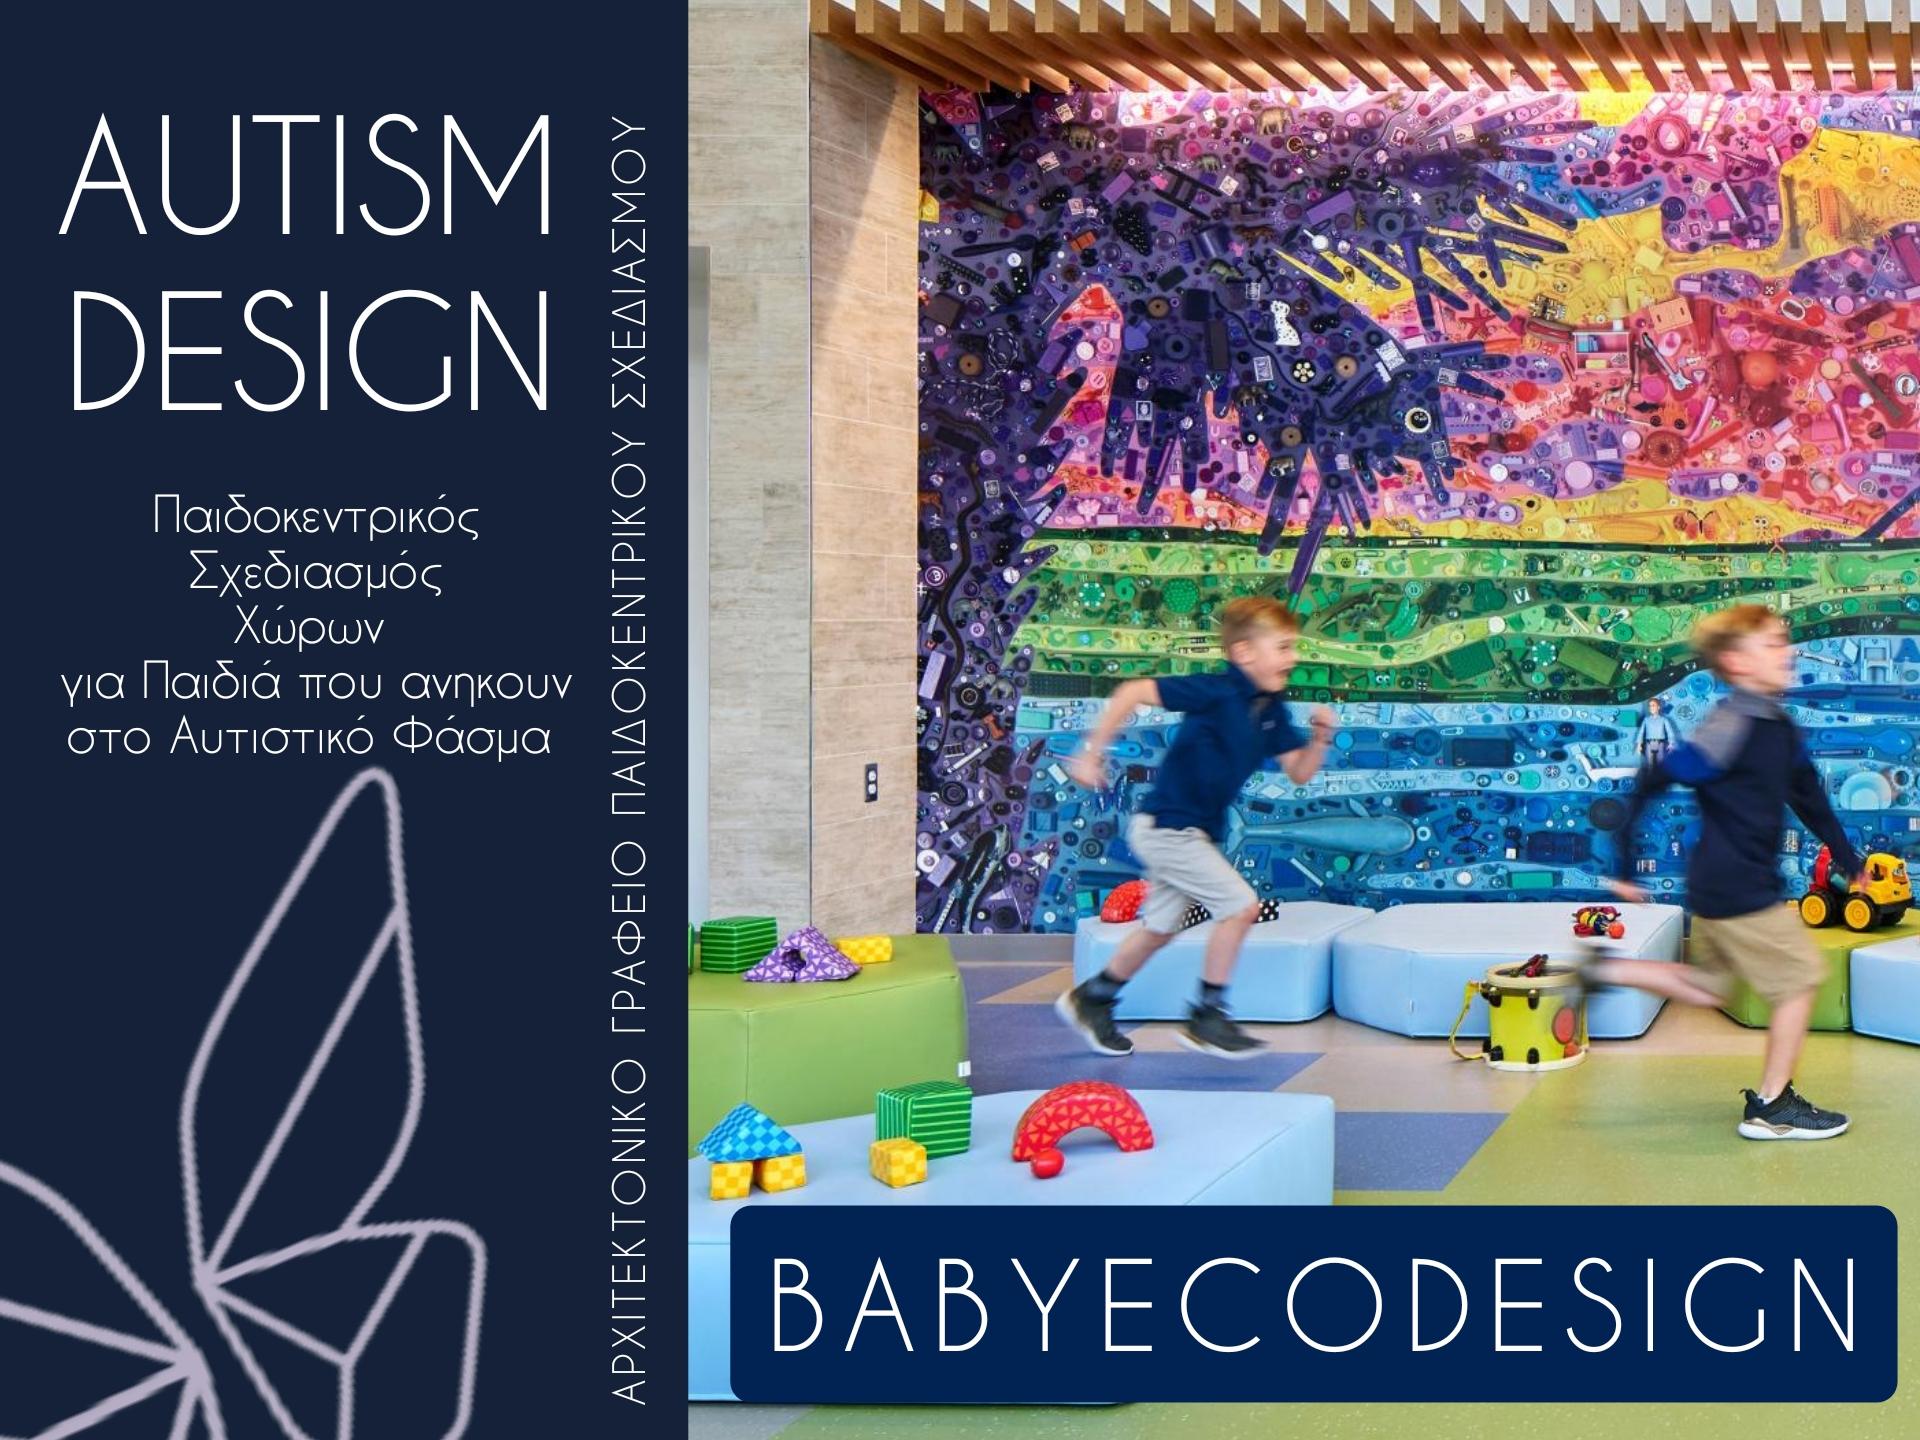 Παιδοκεντρικός Σχεδιασμός Παιδικών Χώρων για παιδιά που ανήκουν στο Αυτιστικό φάσμα